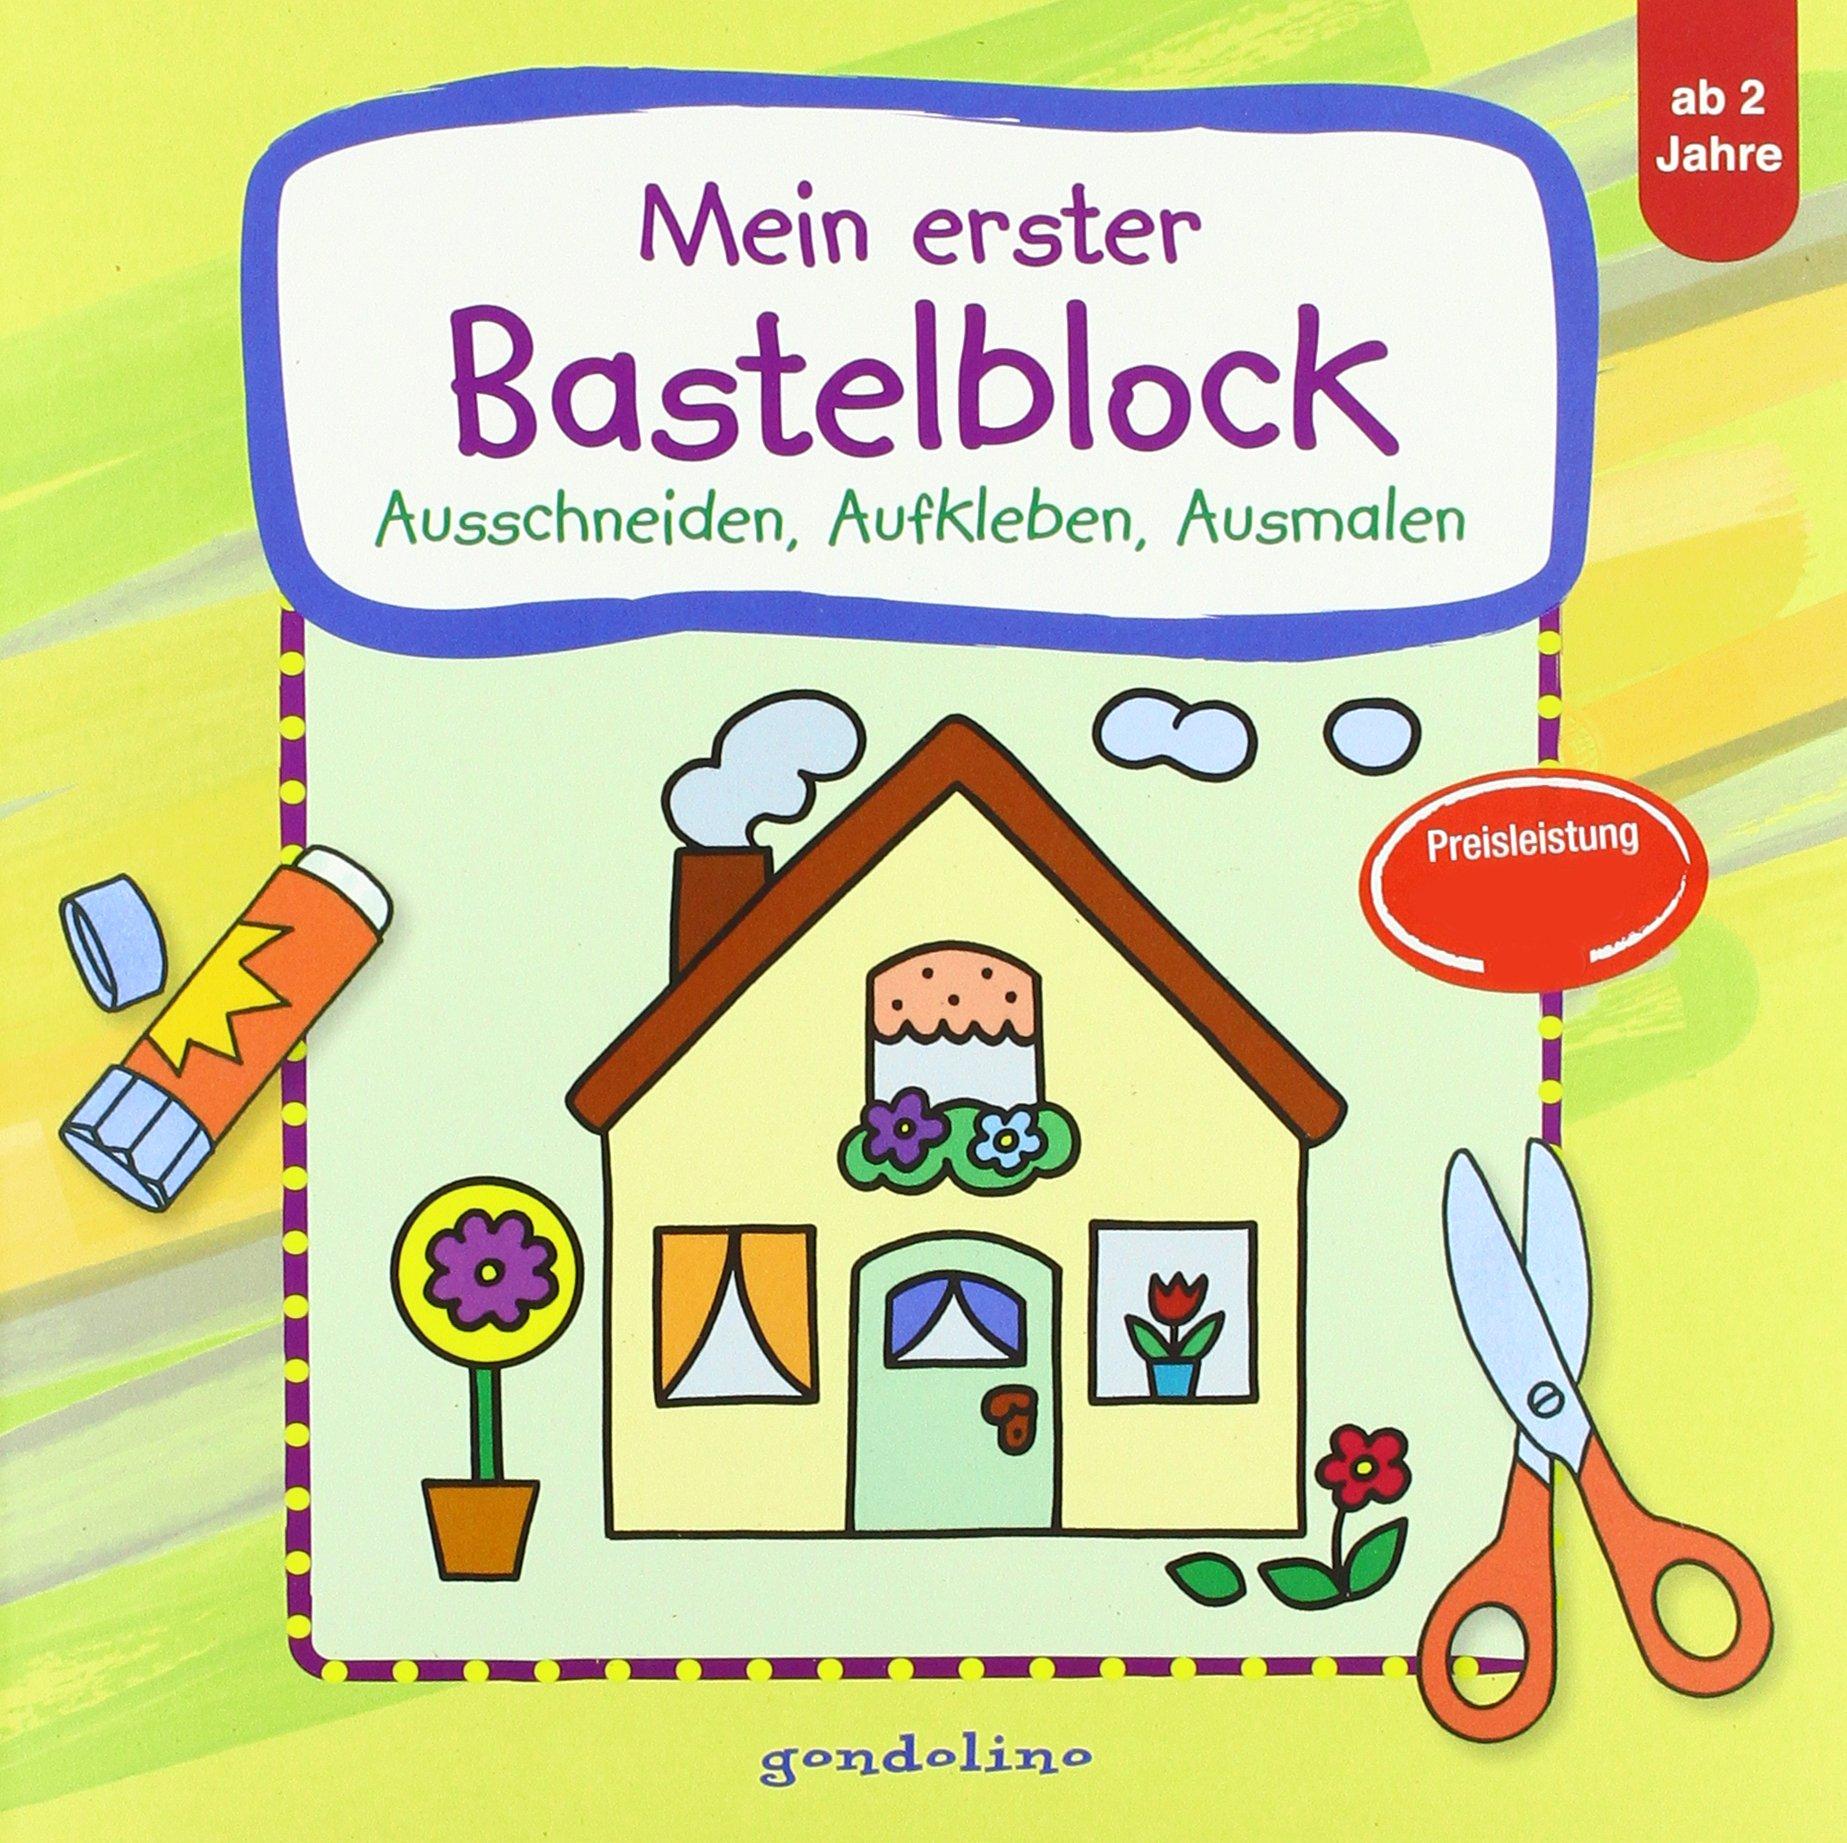 Mein erster Bastelblock Haus : Ausschneiden, Aufkleben, Ausmalen ...